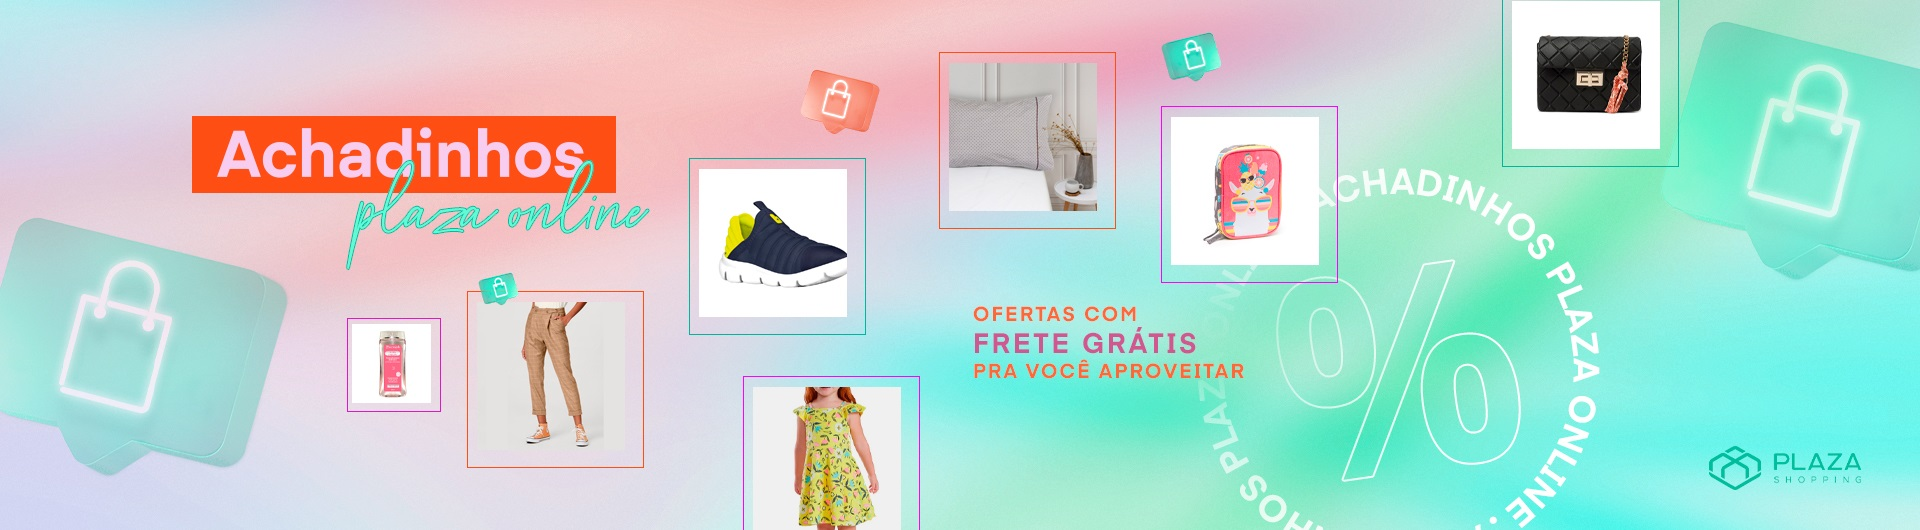 Achadinhos Plaza Online. Compre com FRETE GRÁTIS!